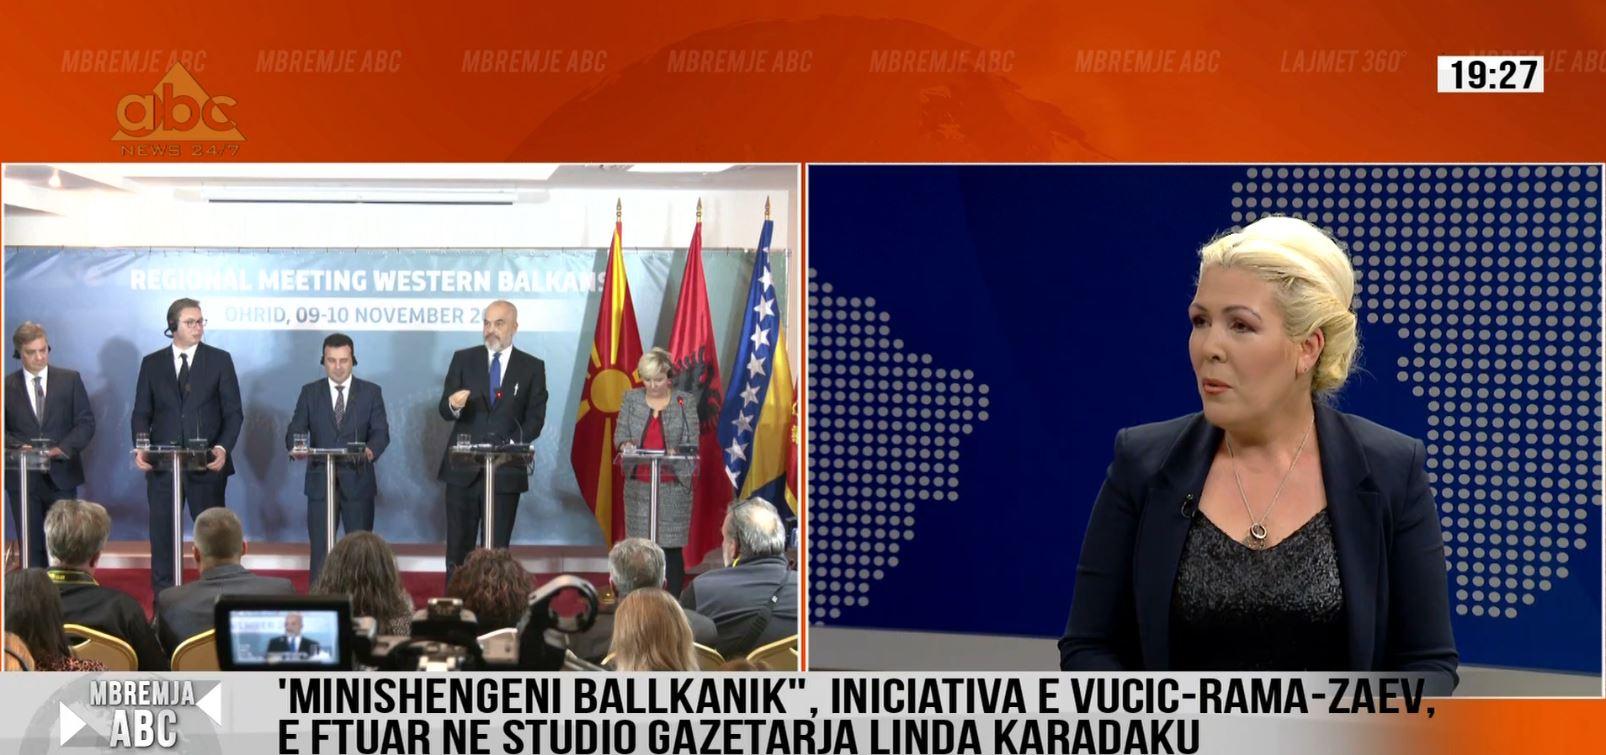 """""""Mini-schengeni"""" Ballkanik/ Çfarë u pa pas """"kuintave"""" të samitit të Ohrit?"""